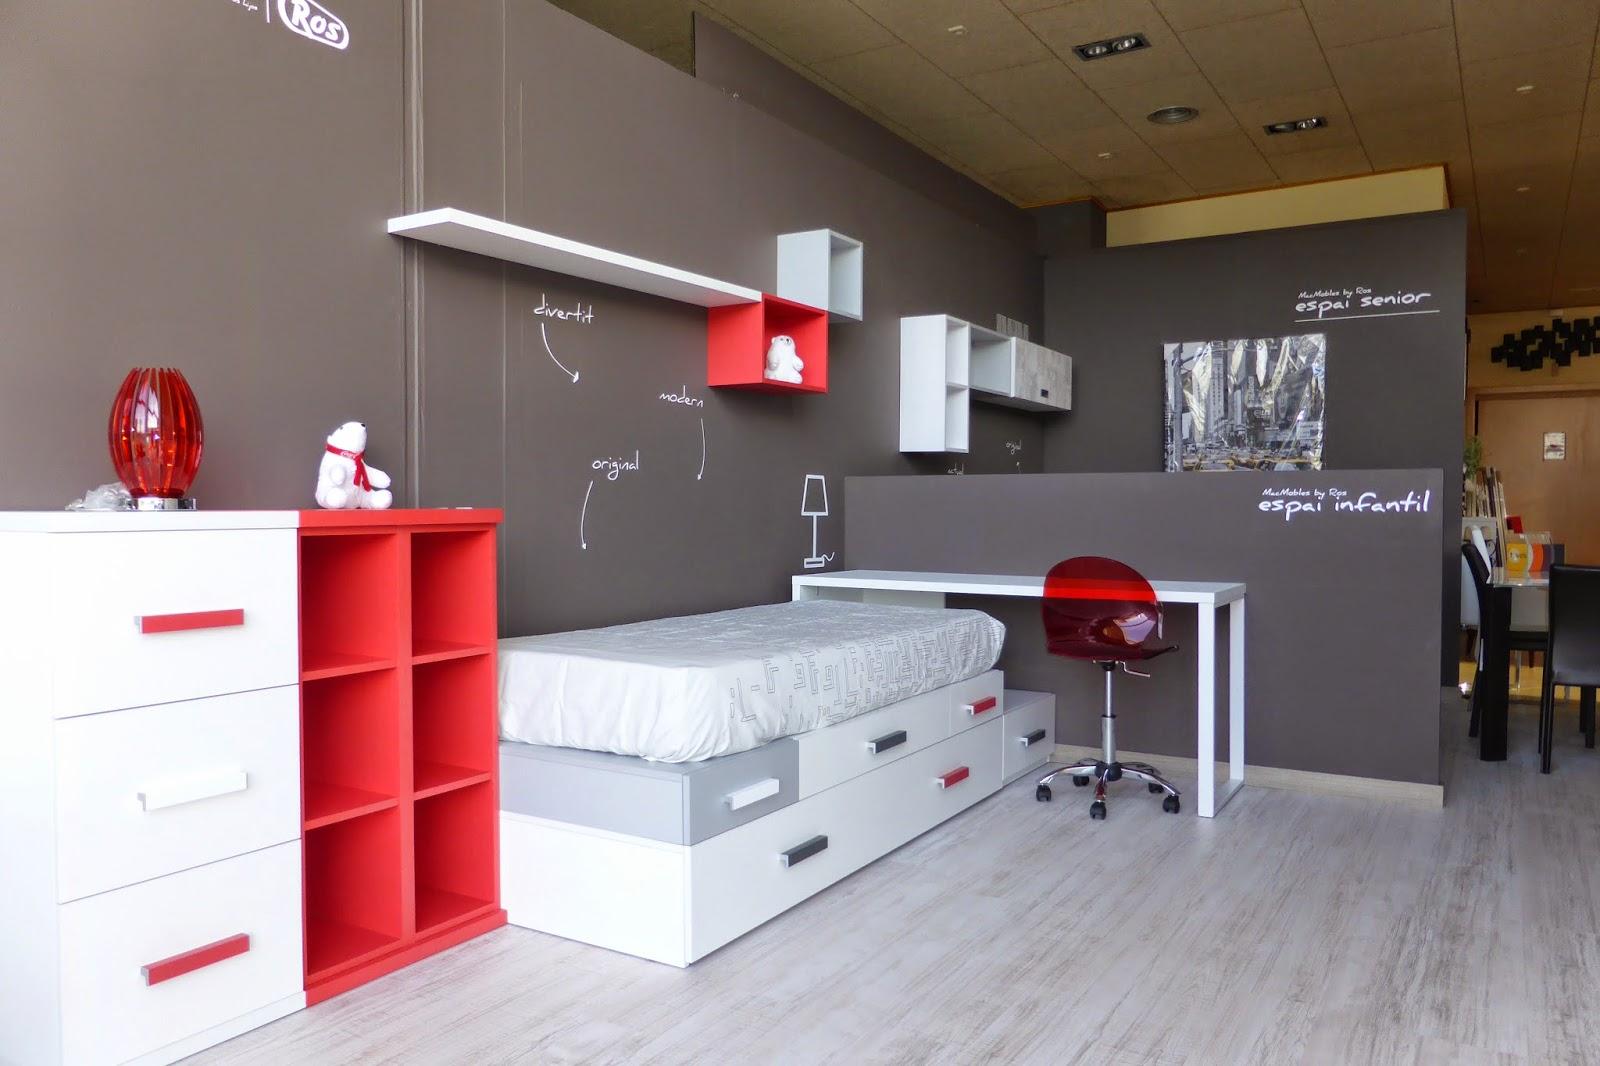 Los espacios ros llegan a macmobles muebles ros for Cadenas de muebles